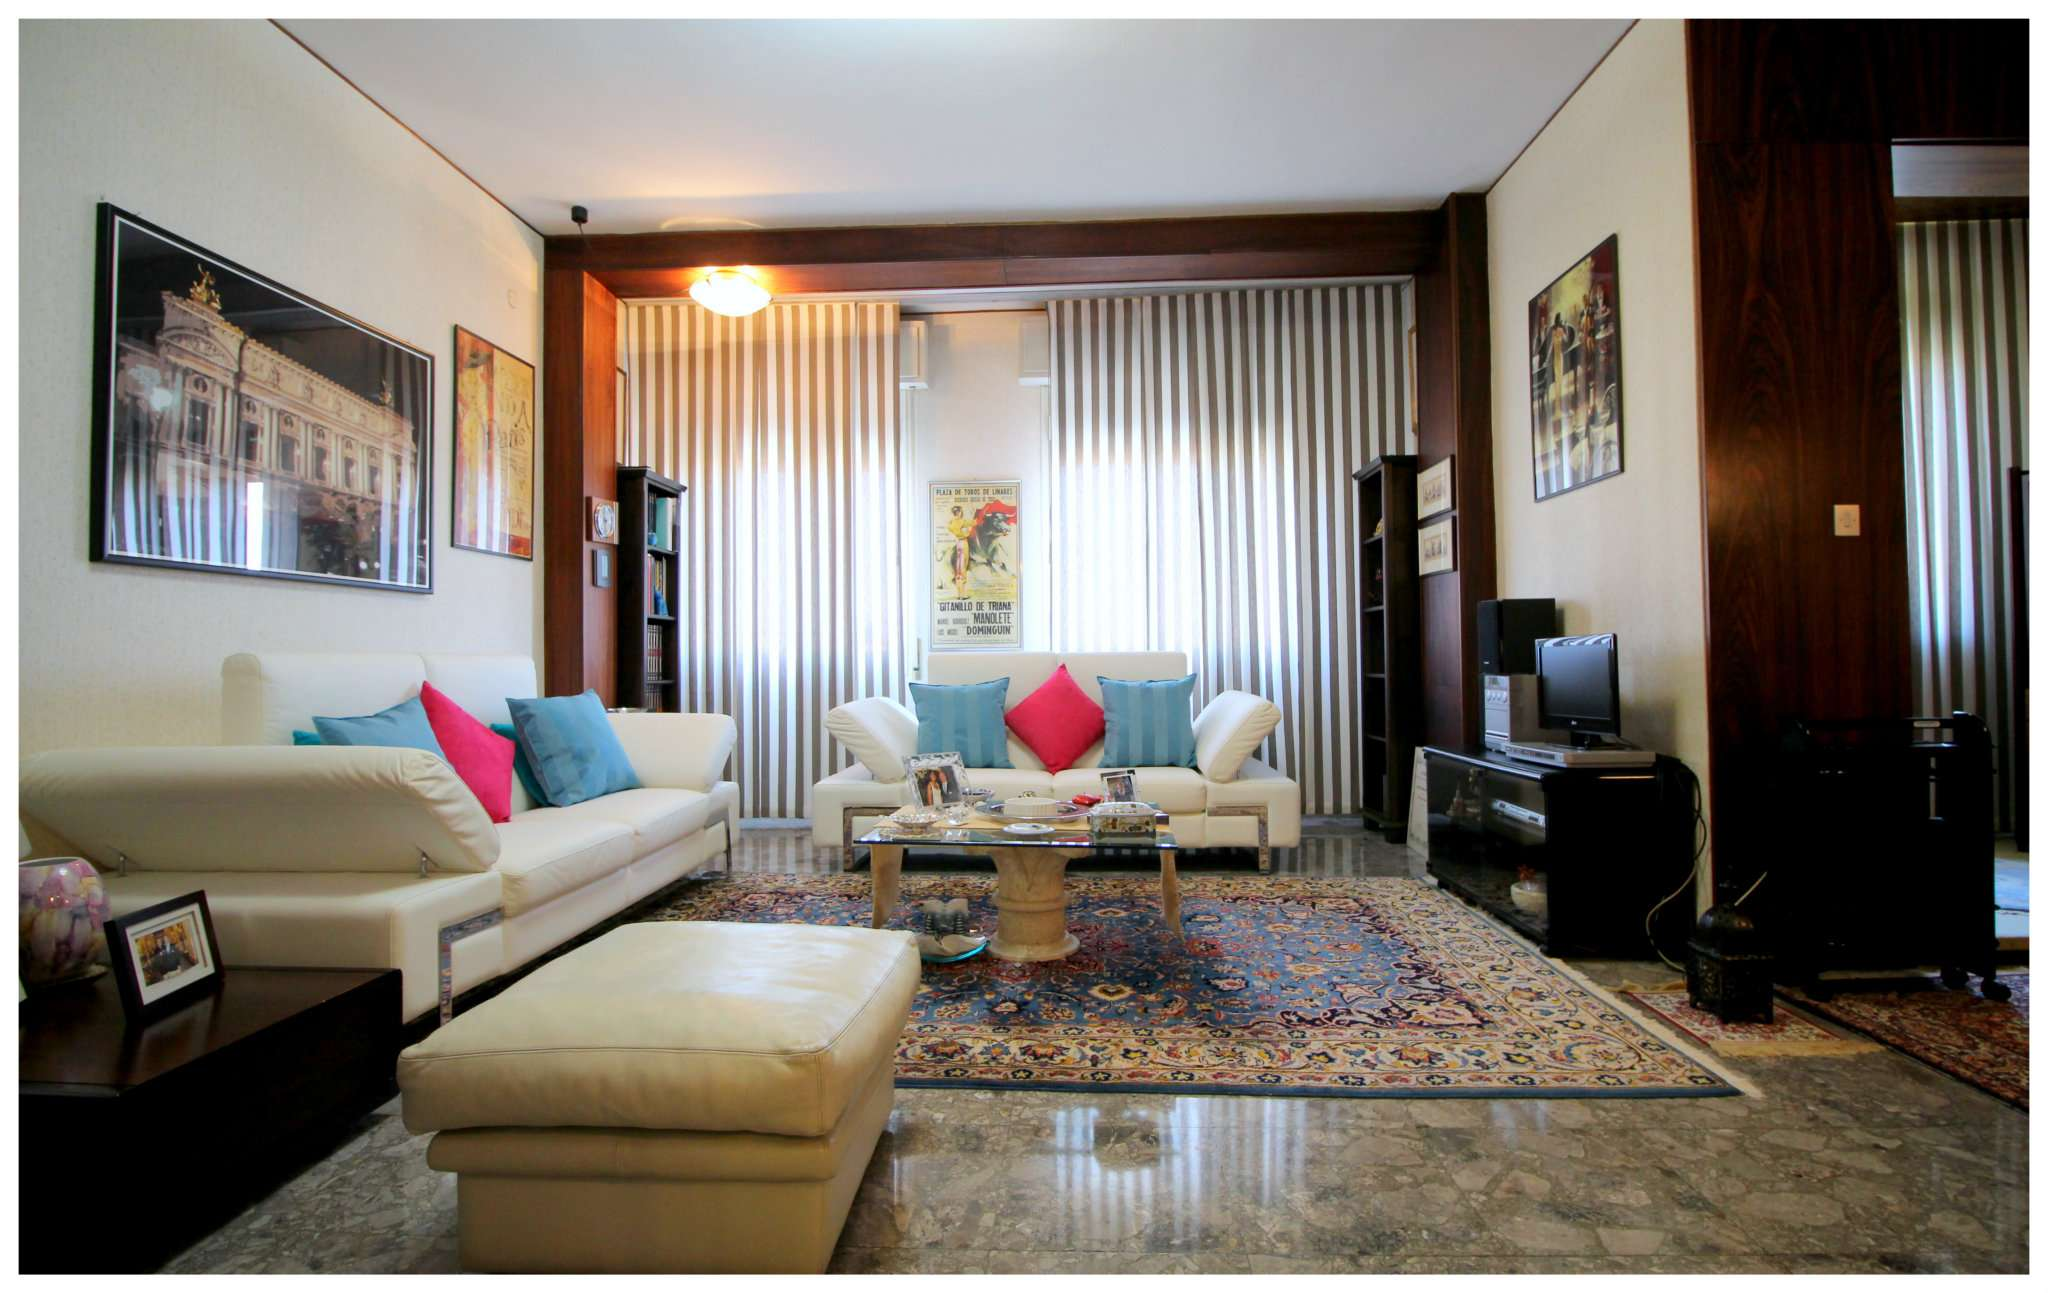 Case e appartamenti in affitto a casalecchio di reno Affitto bilocale arredato casalecchio di reno